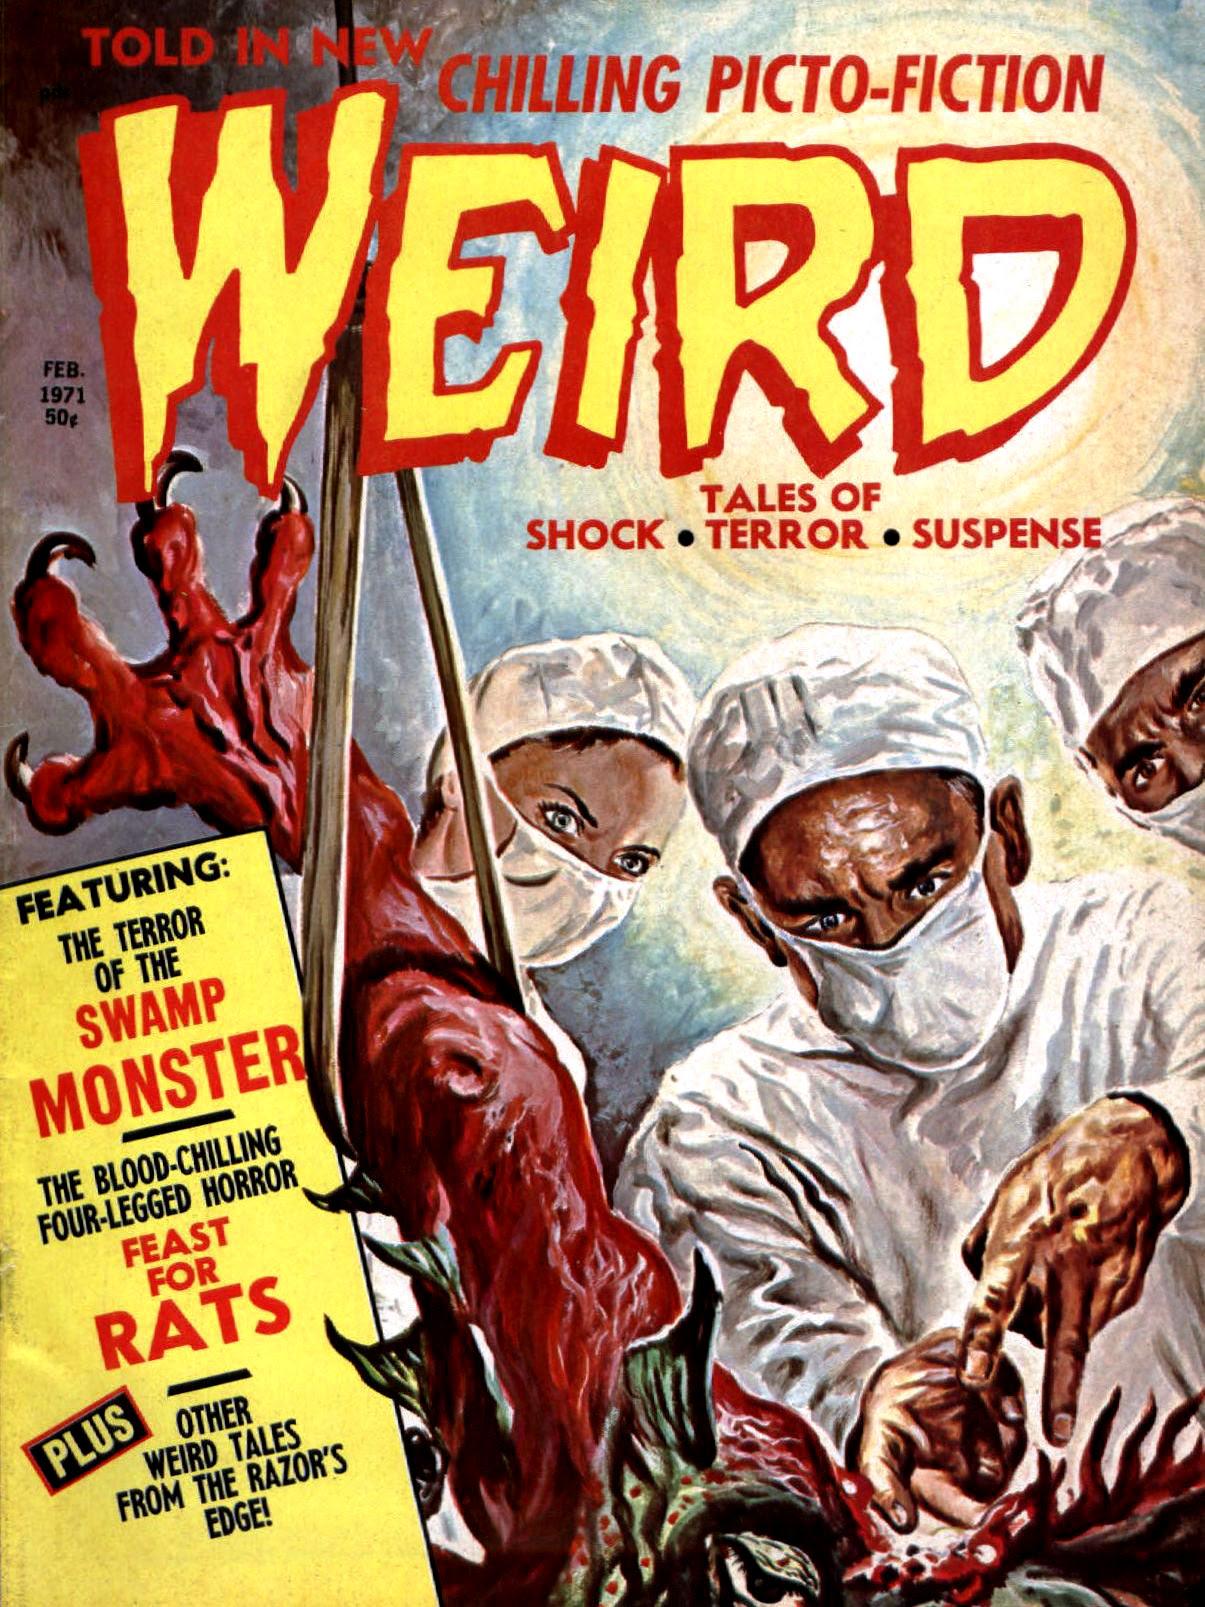 Weird Vol. 05 #1 (Eerie Publications, 1971)